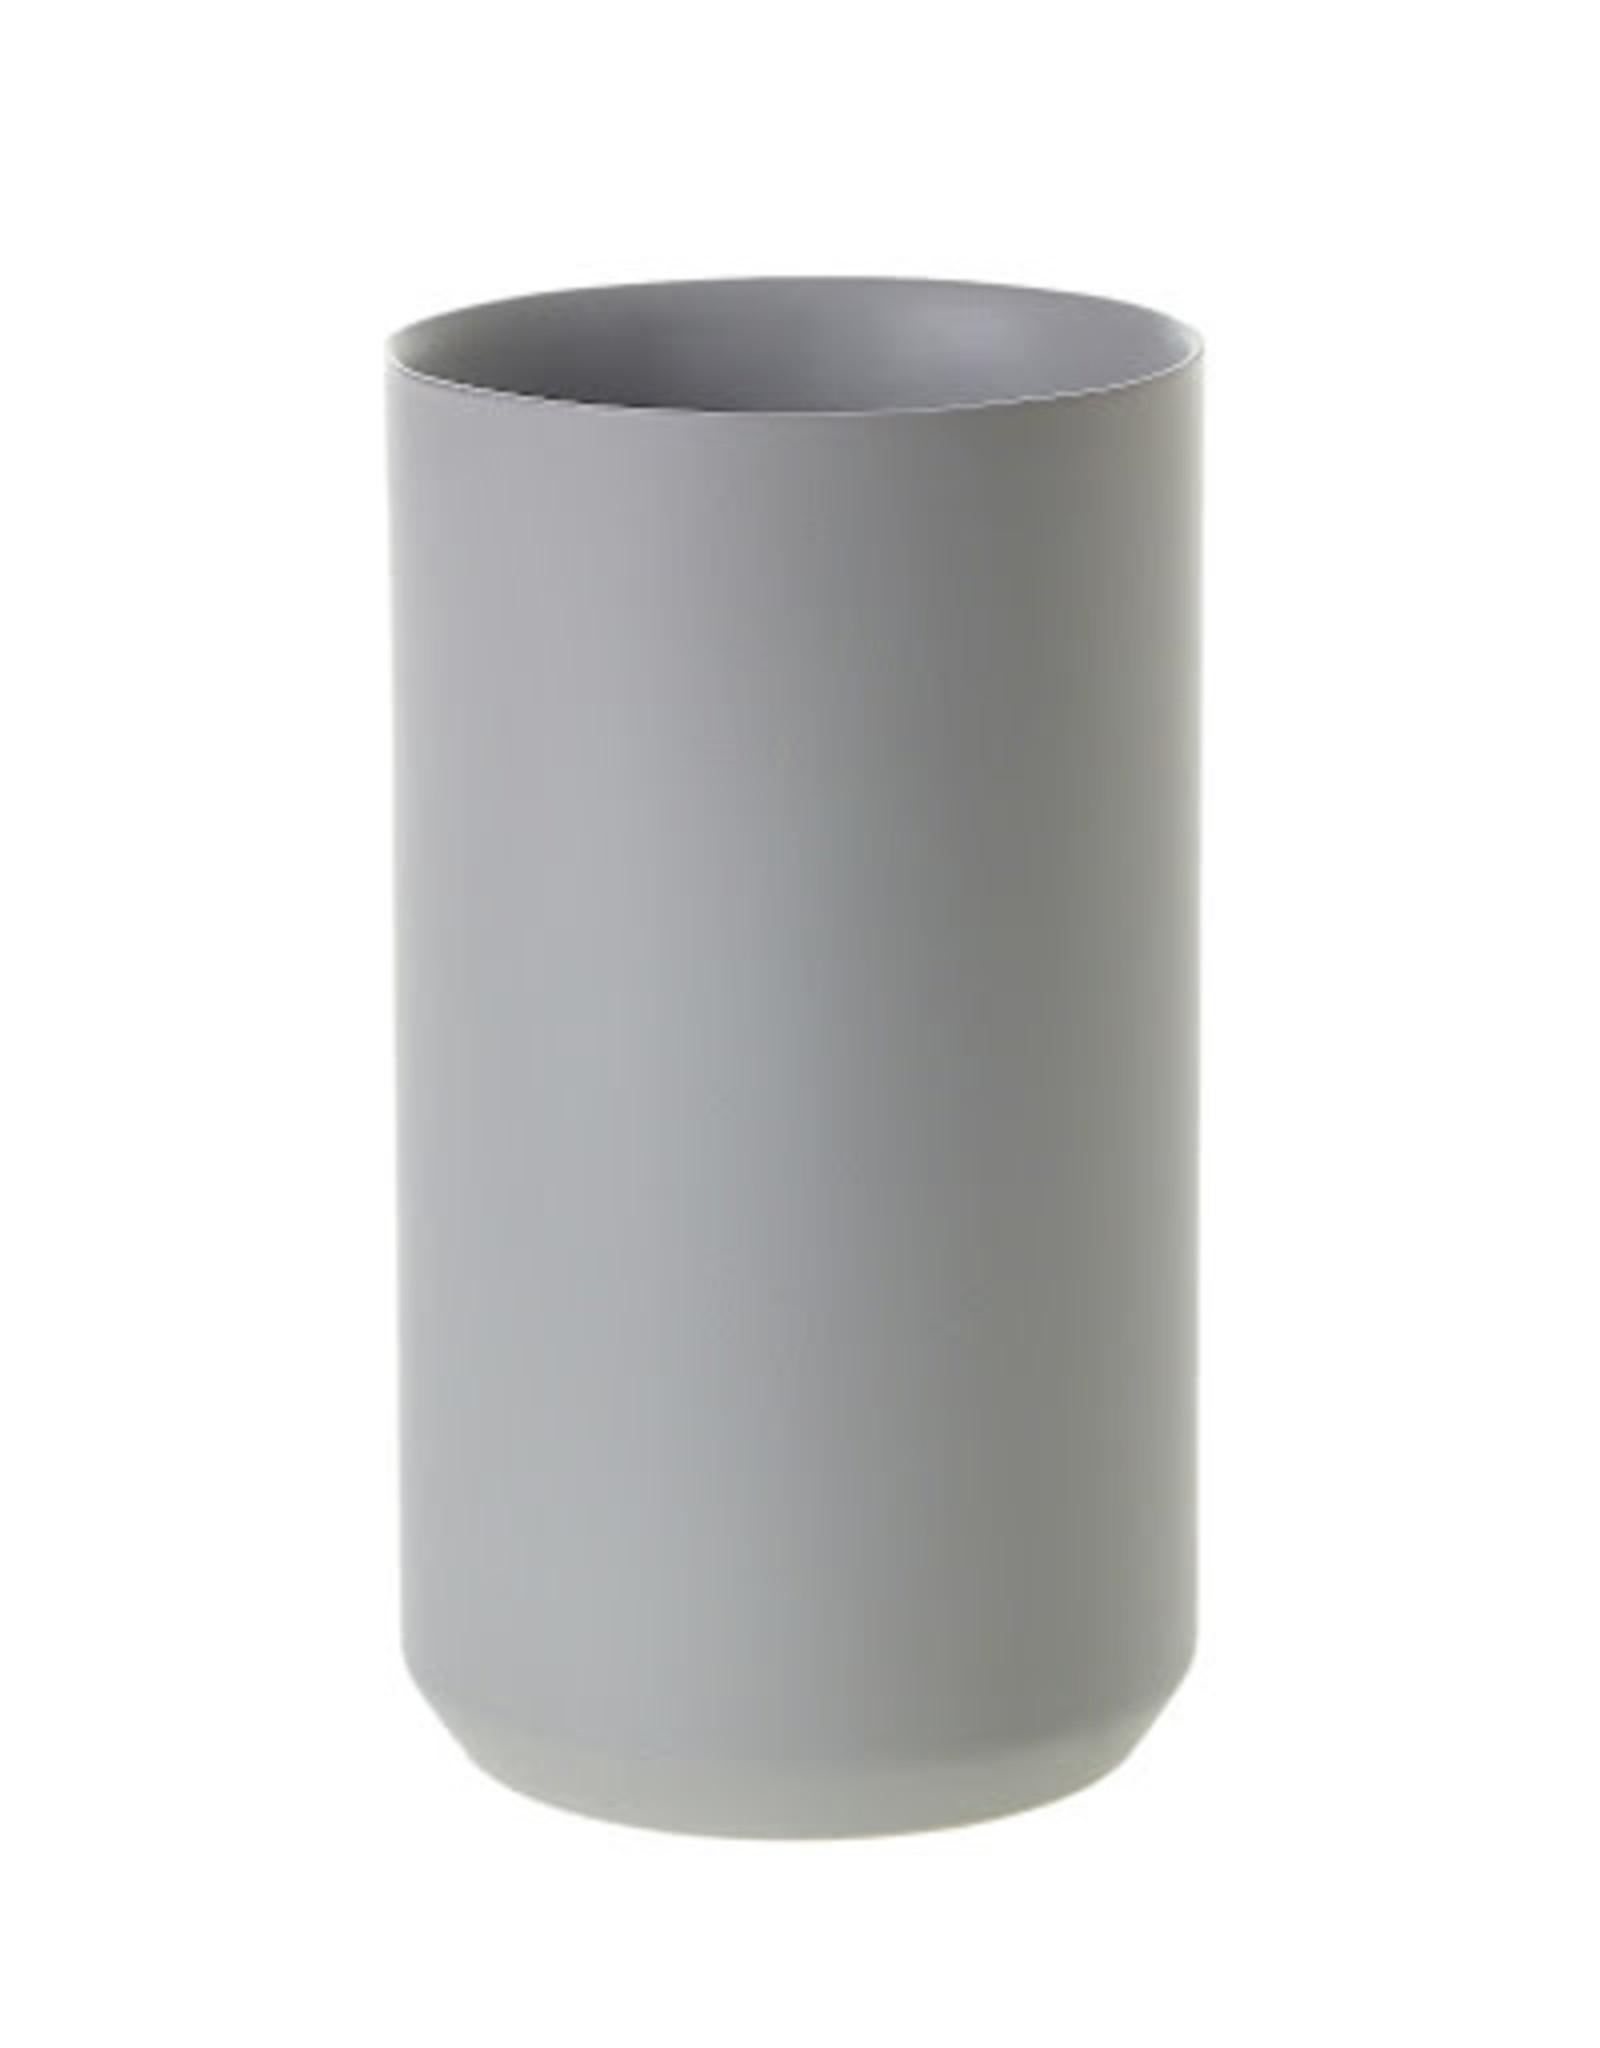 Kendall - Grey Matte Vase - Large